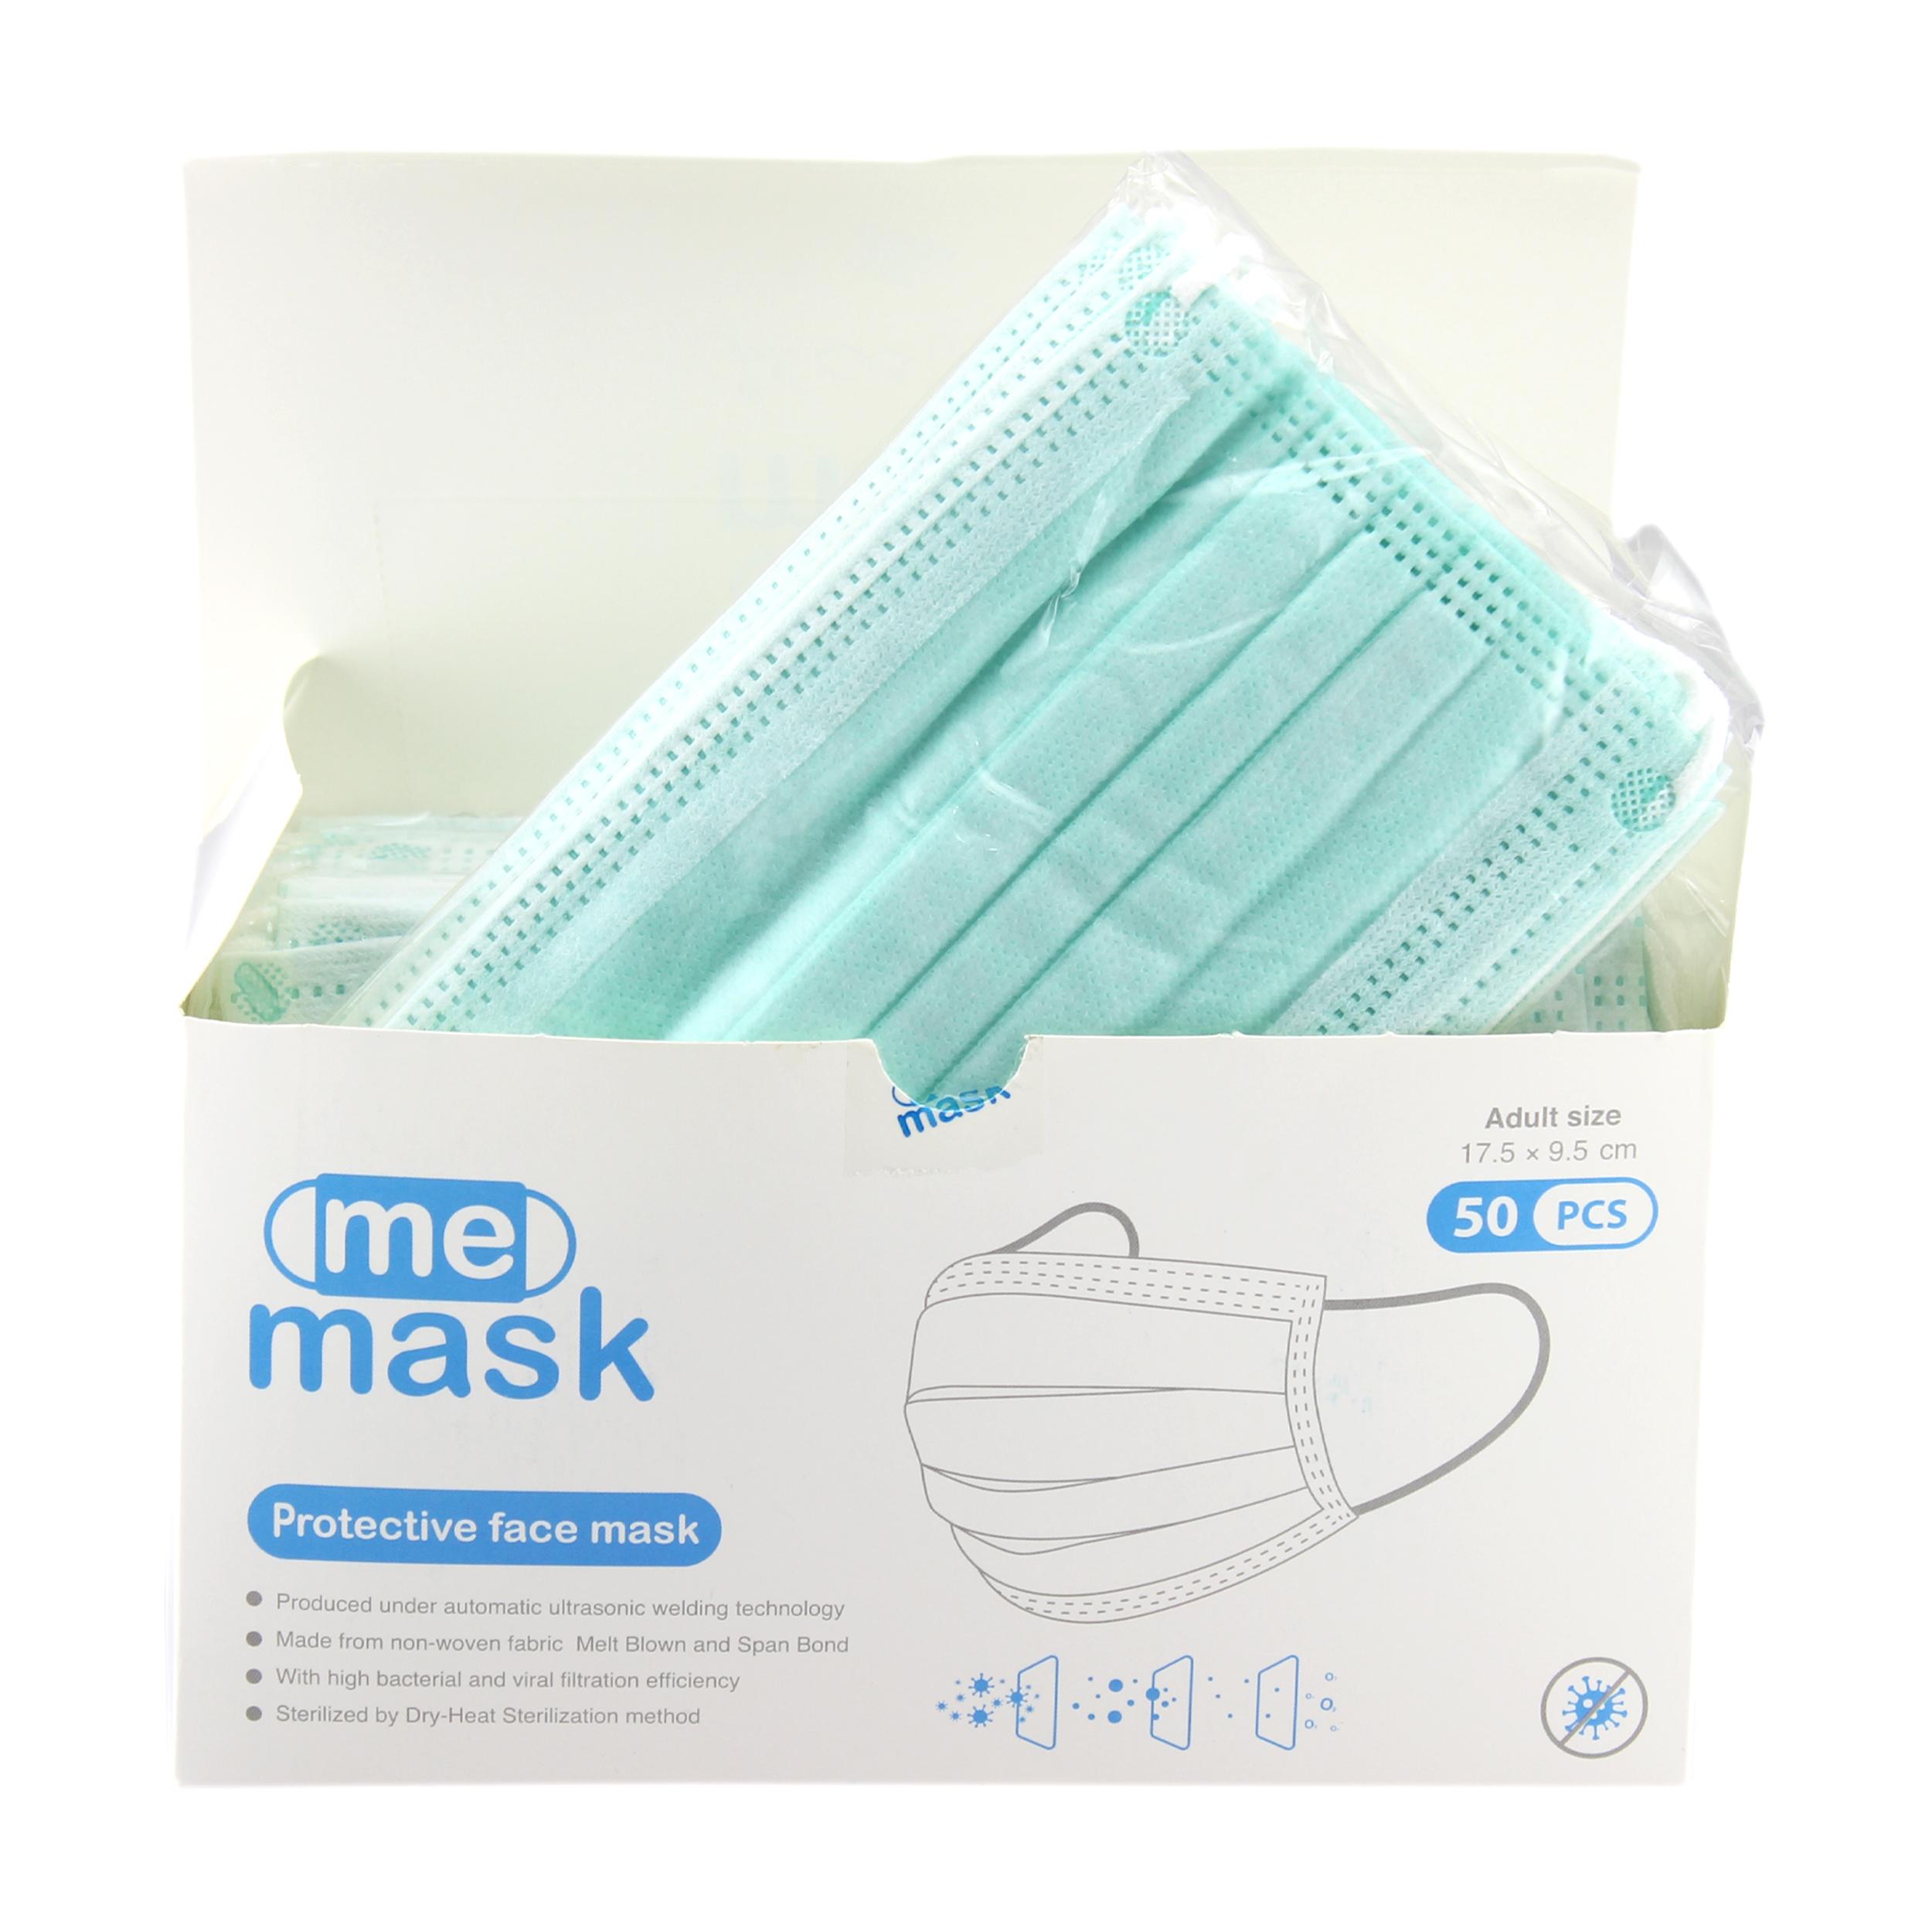 ماسک تنفسی می ماسک مدل 7020 بسته ۱۰۰ عددی